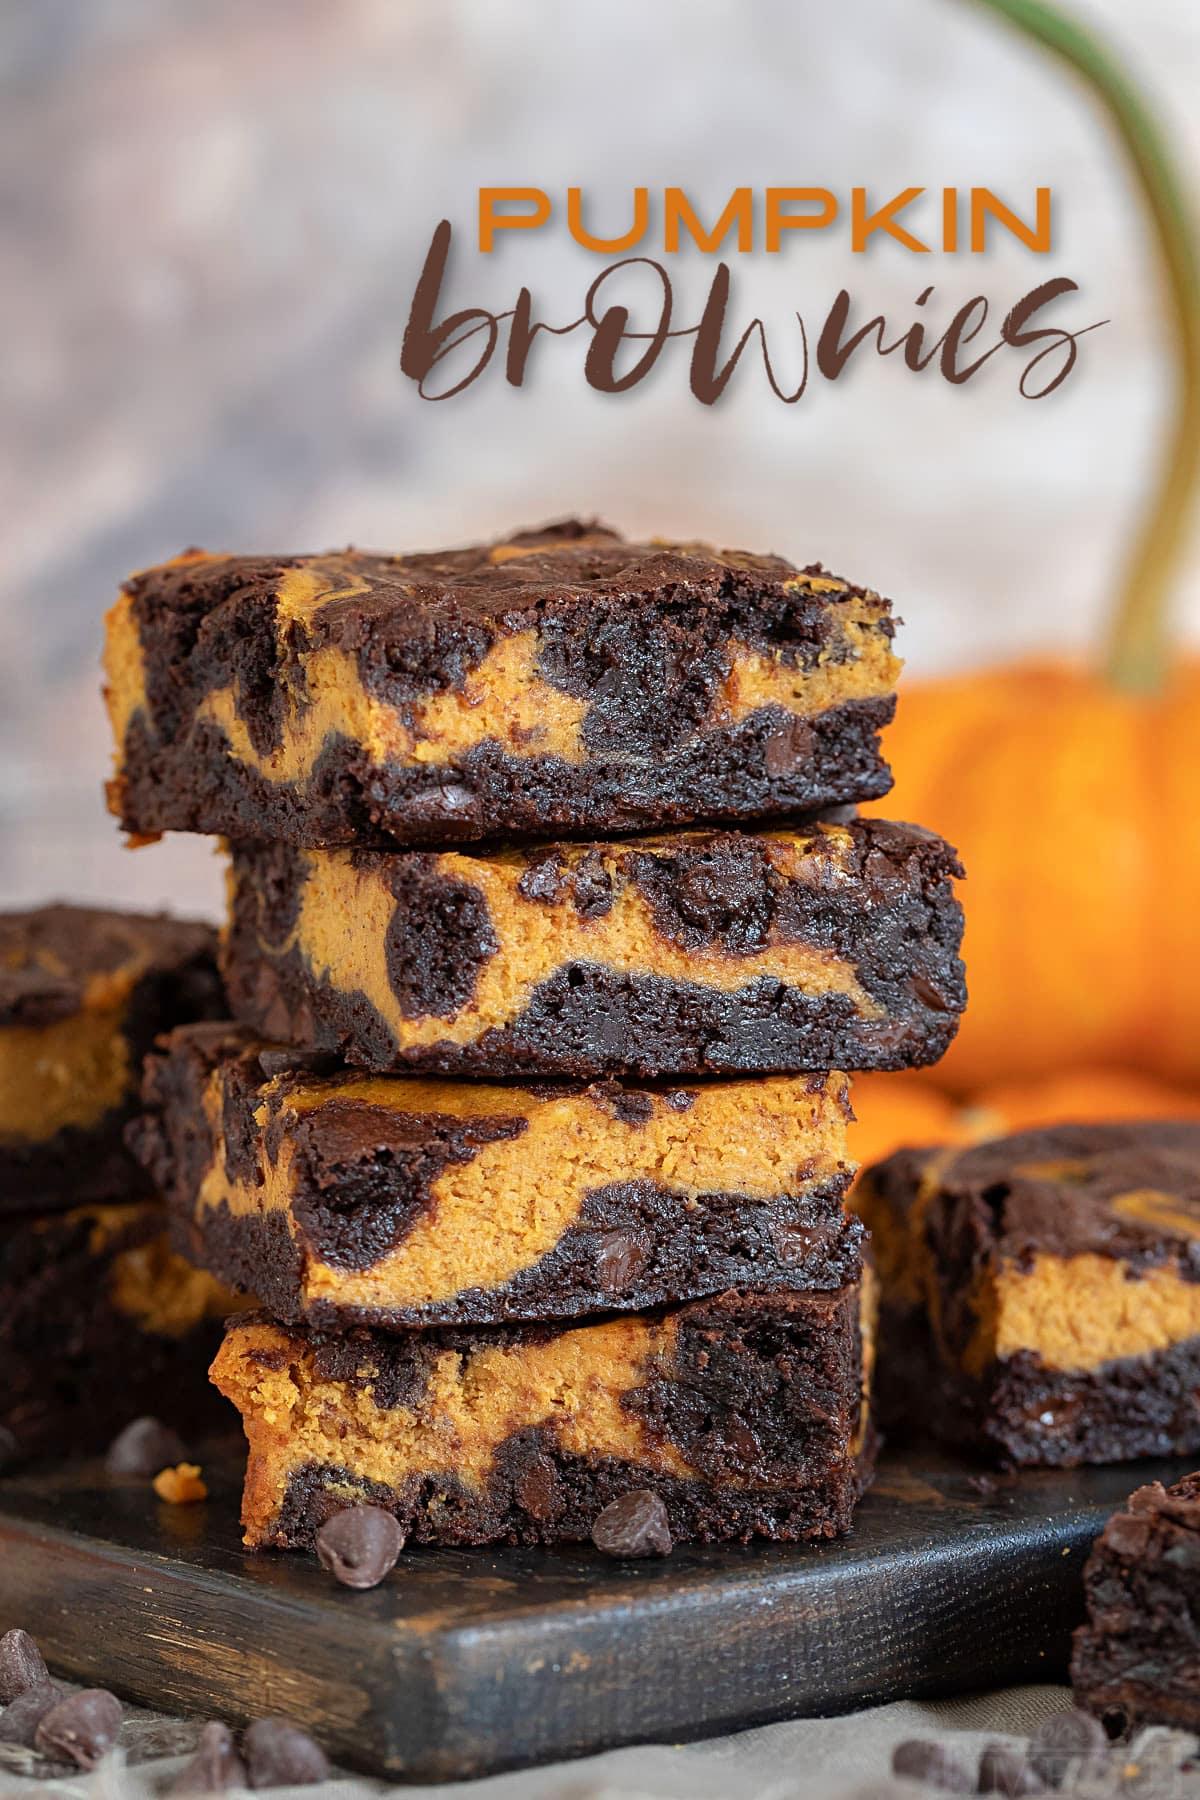 pumpkin brownies ułożone 4 wysoko na desce z ciemnego drewna z dynią w tle i z nałożonym tekstem